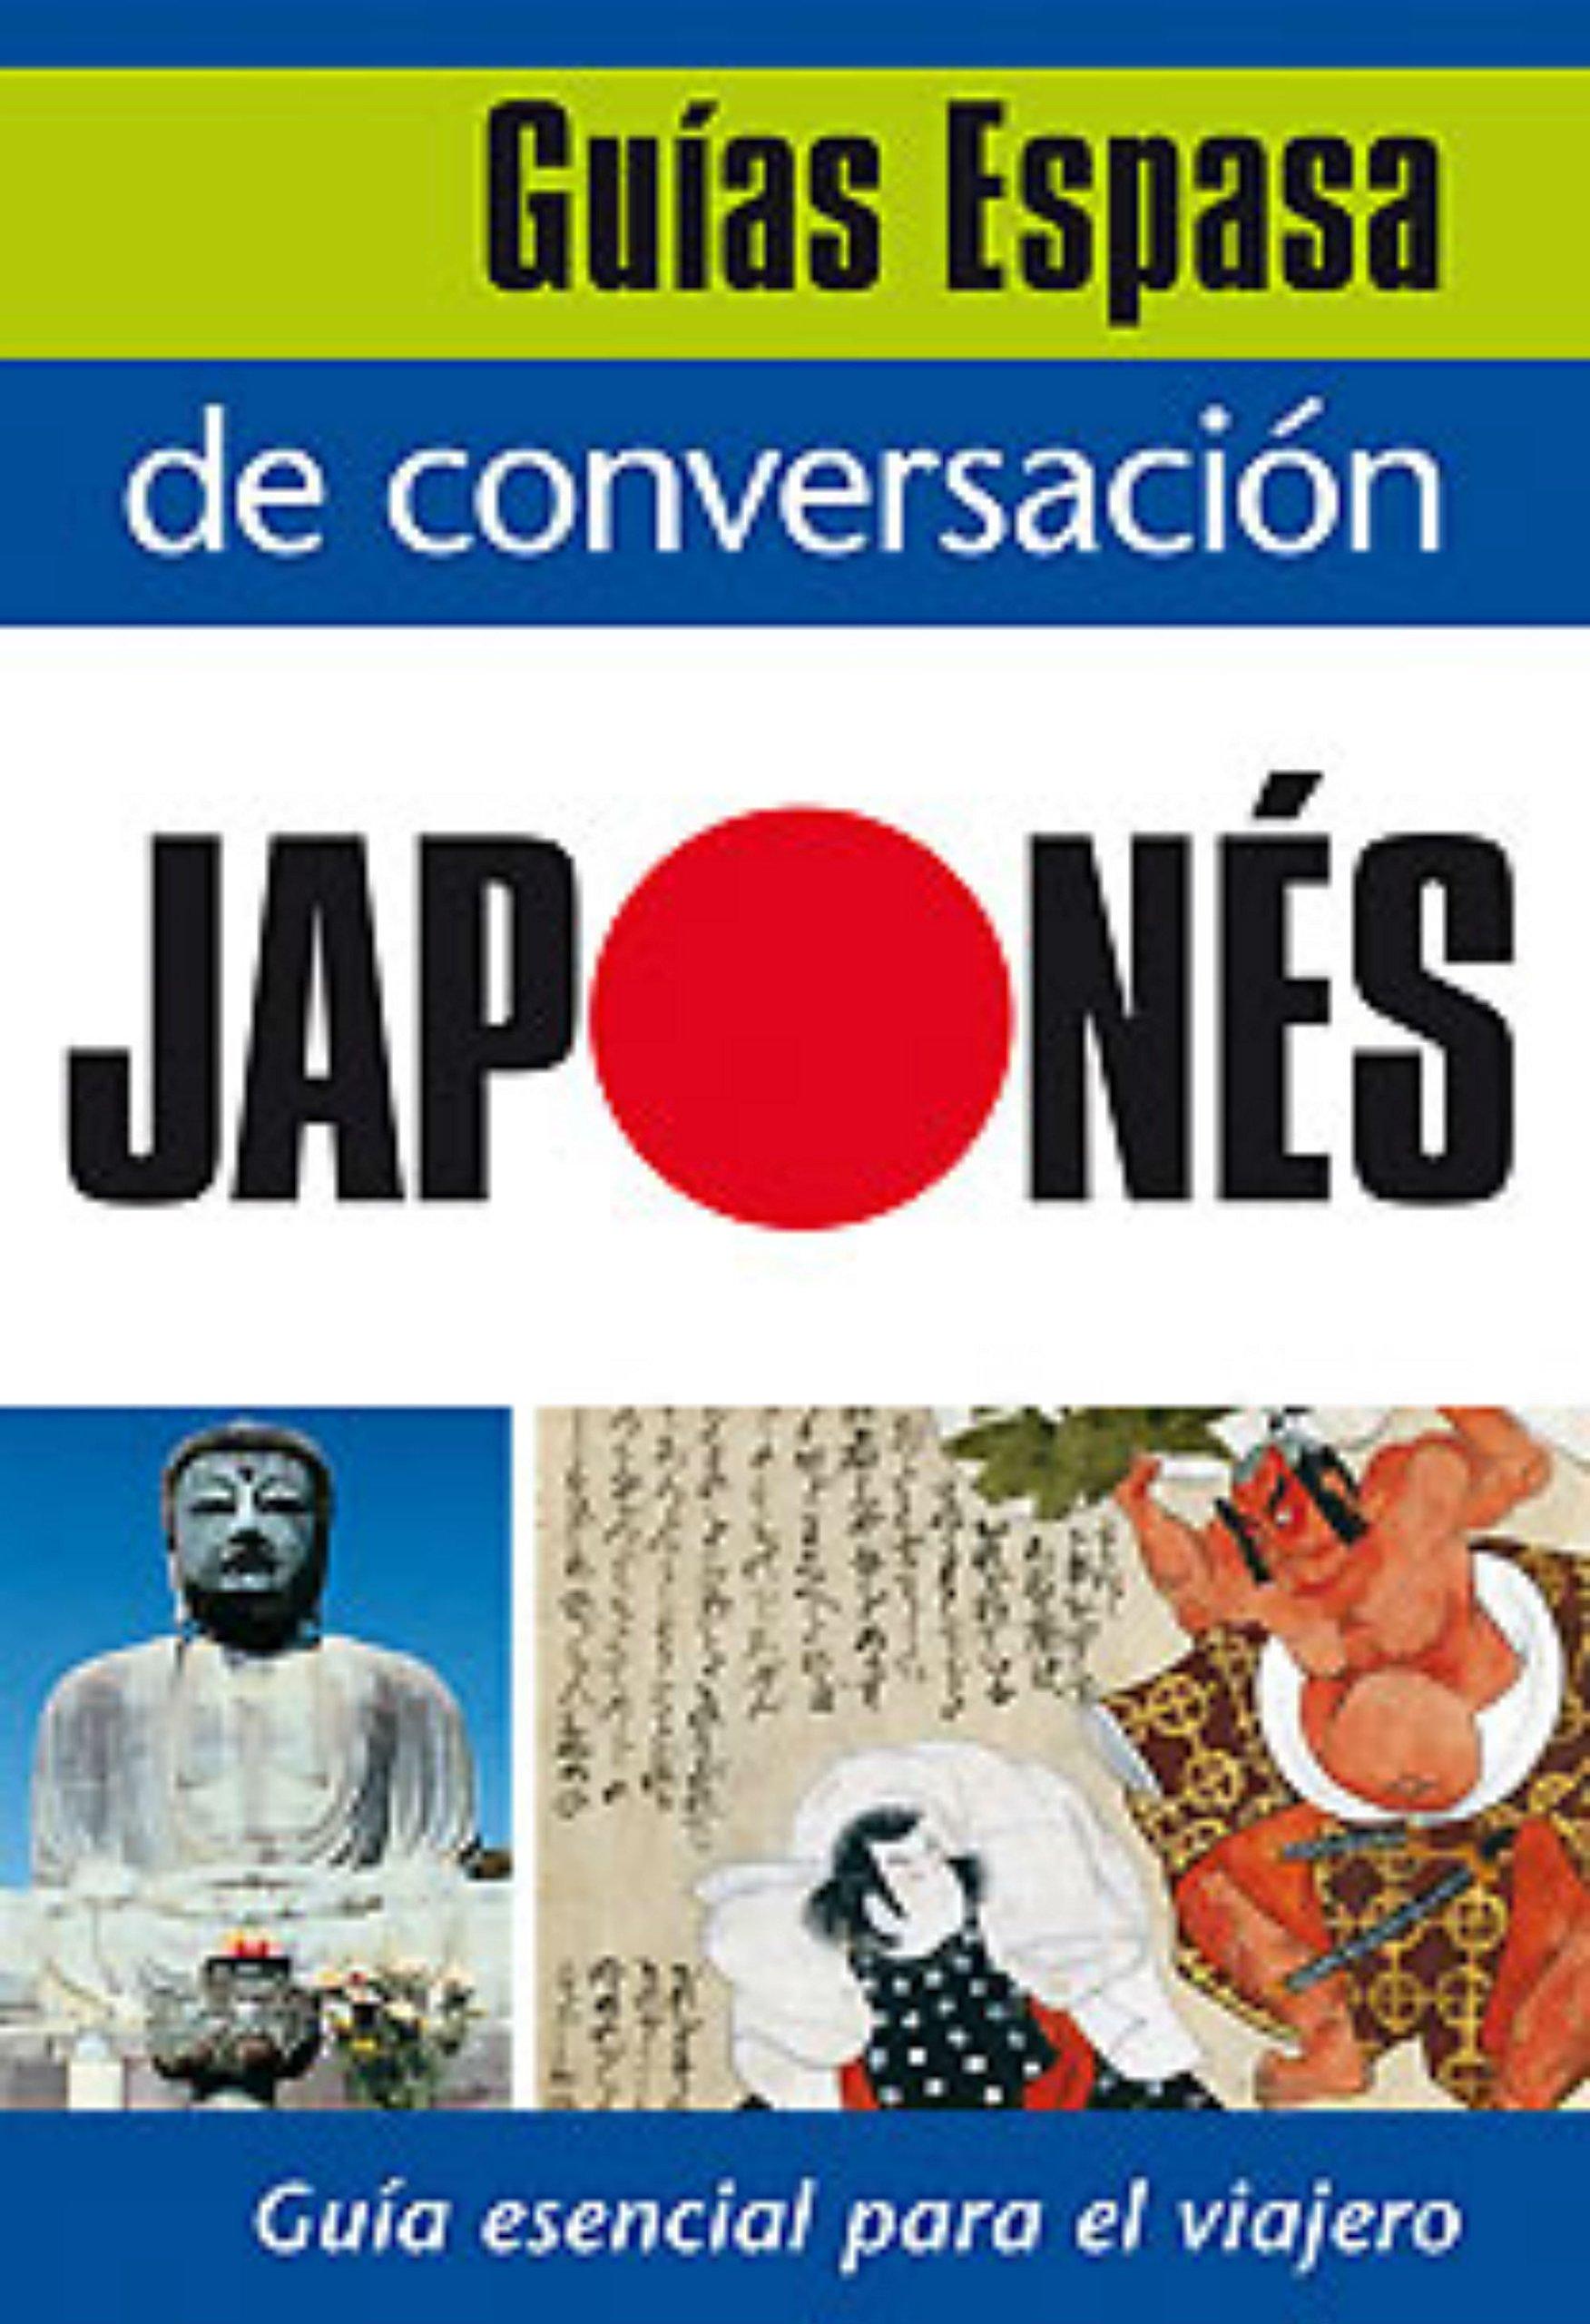 Guía de conversación japonés (Spanish) Paperback – April 1, 2005